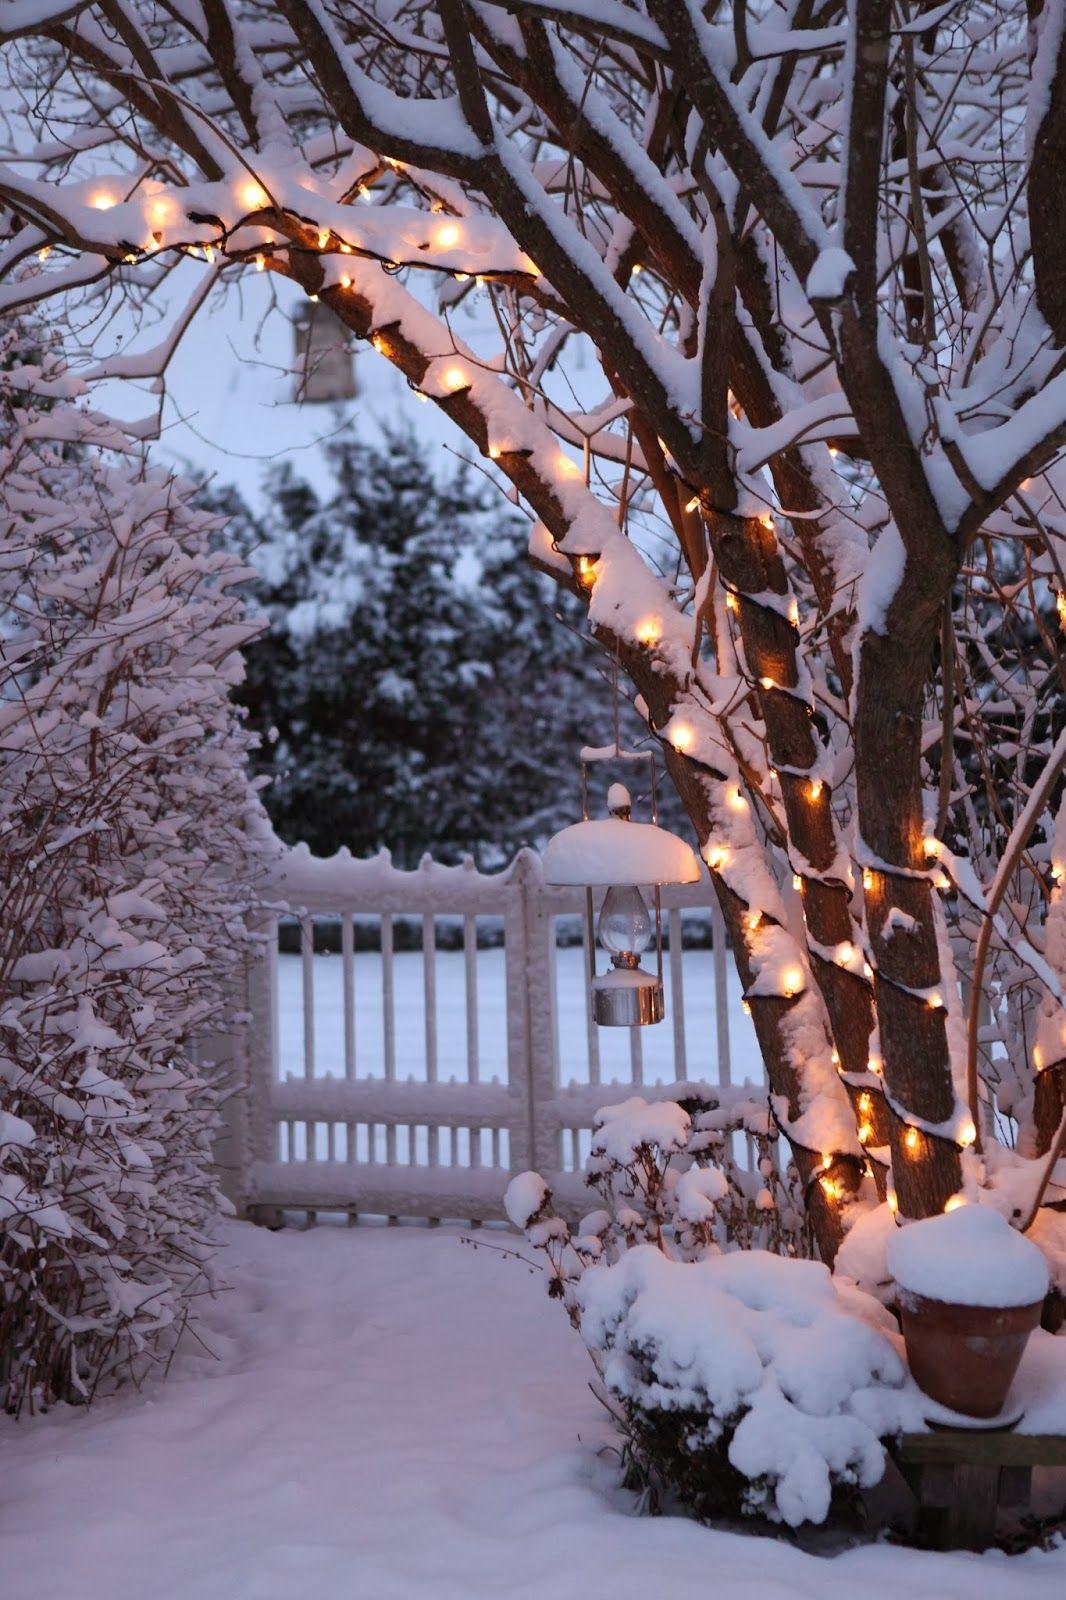 Sfondi Invernali Natalizi.Pin Di Paola Su Garden Inverno Neve Invernale E Luci Di Natale